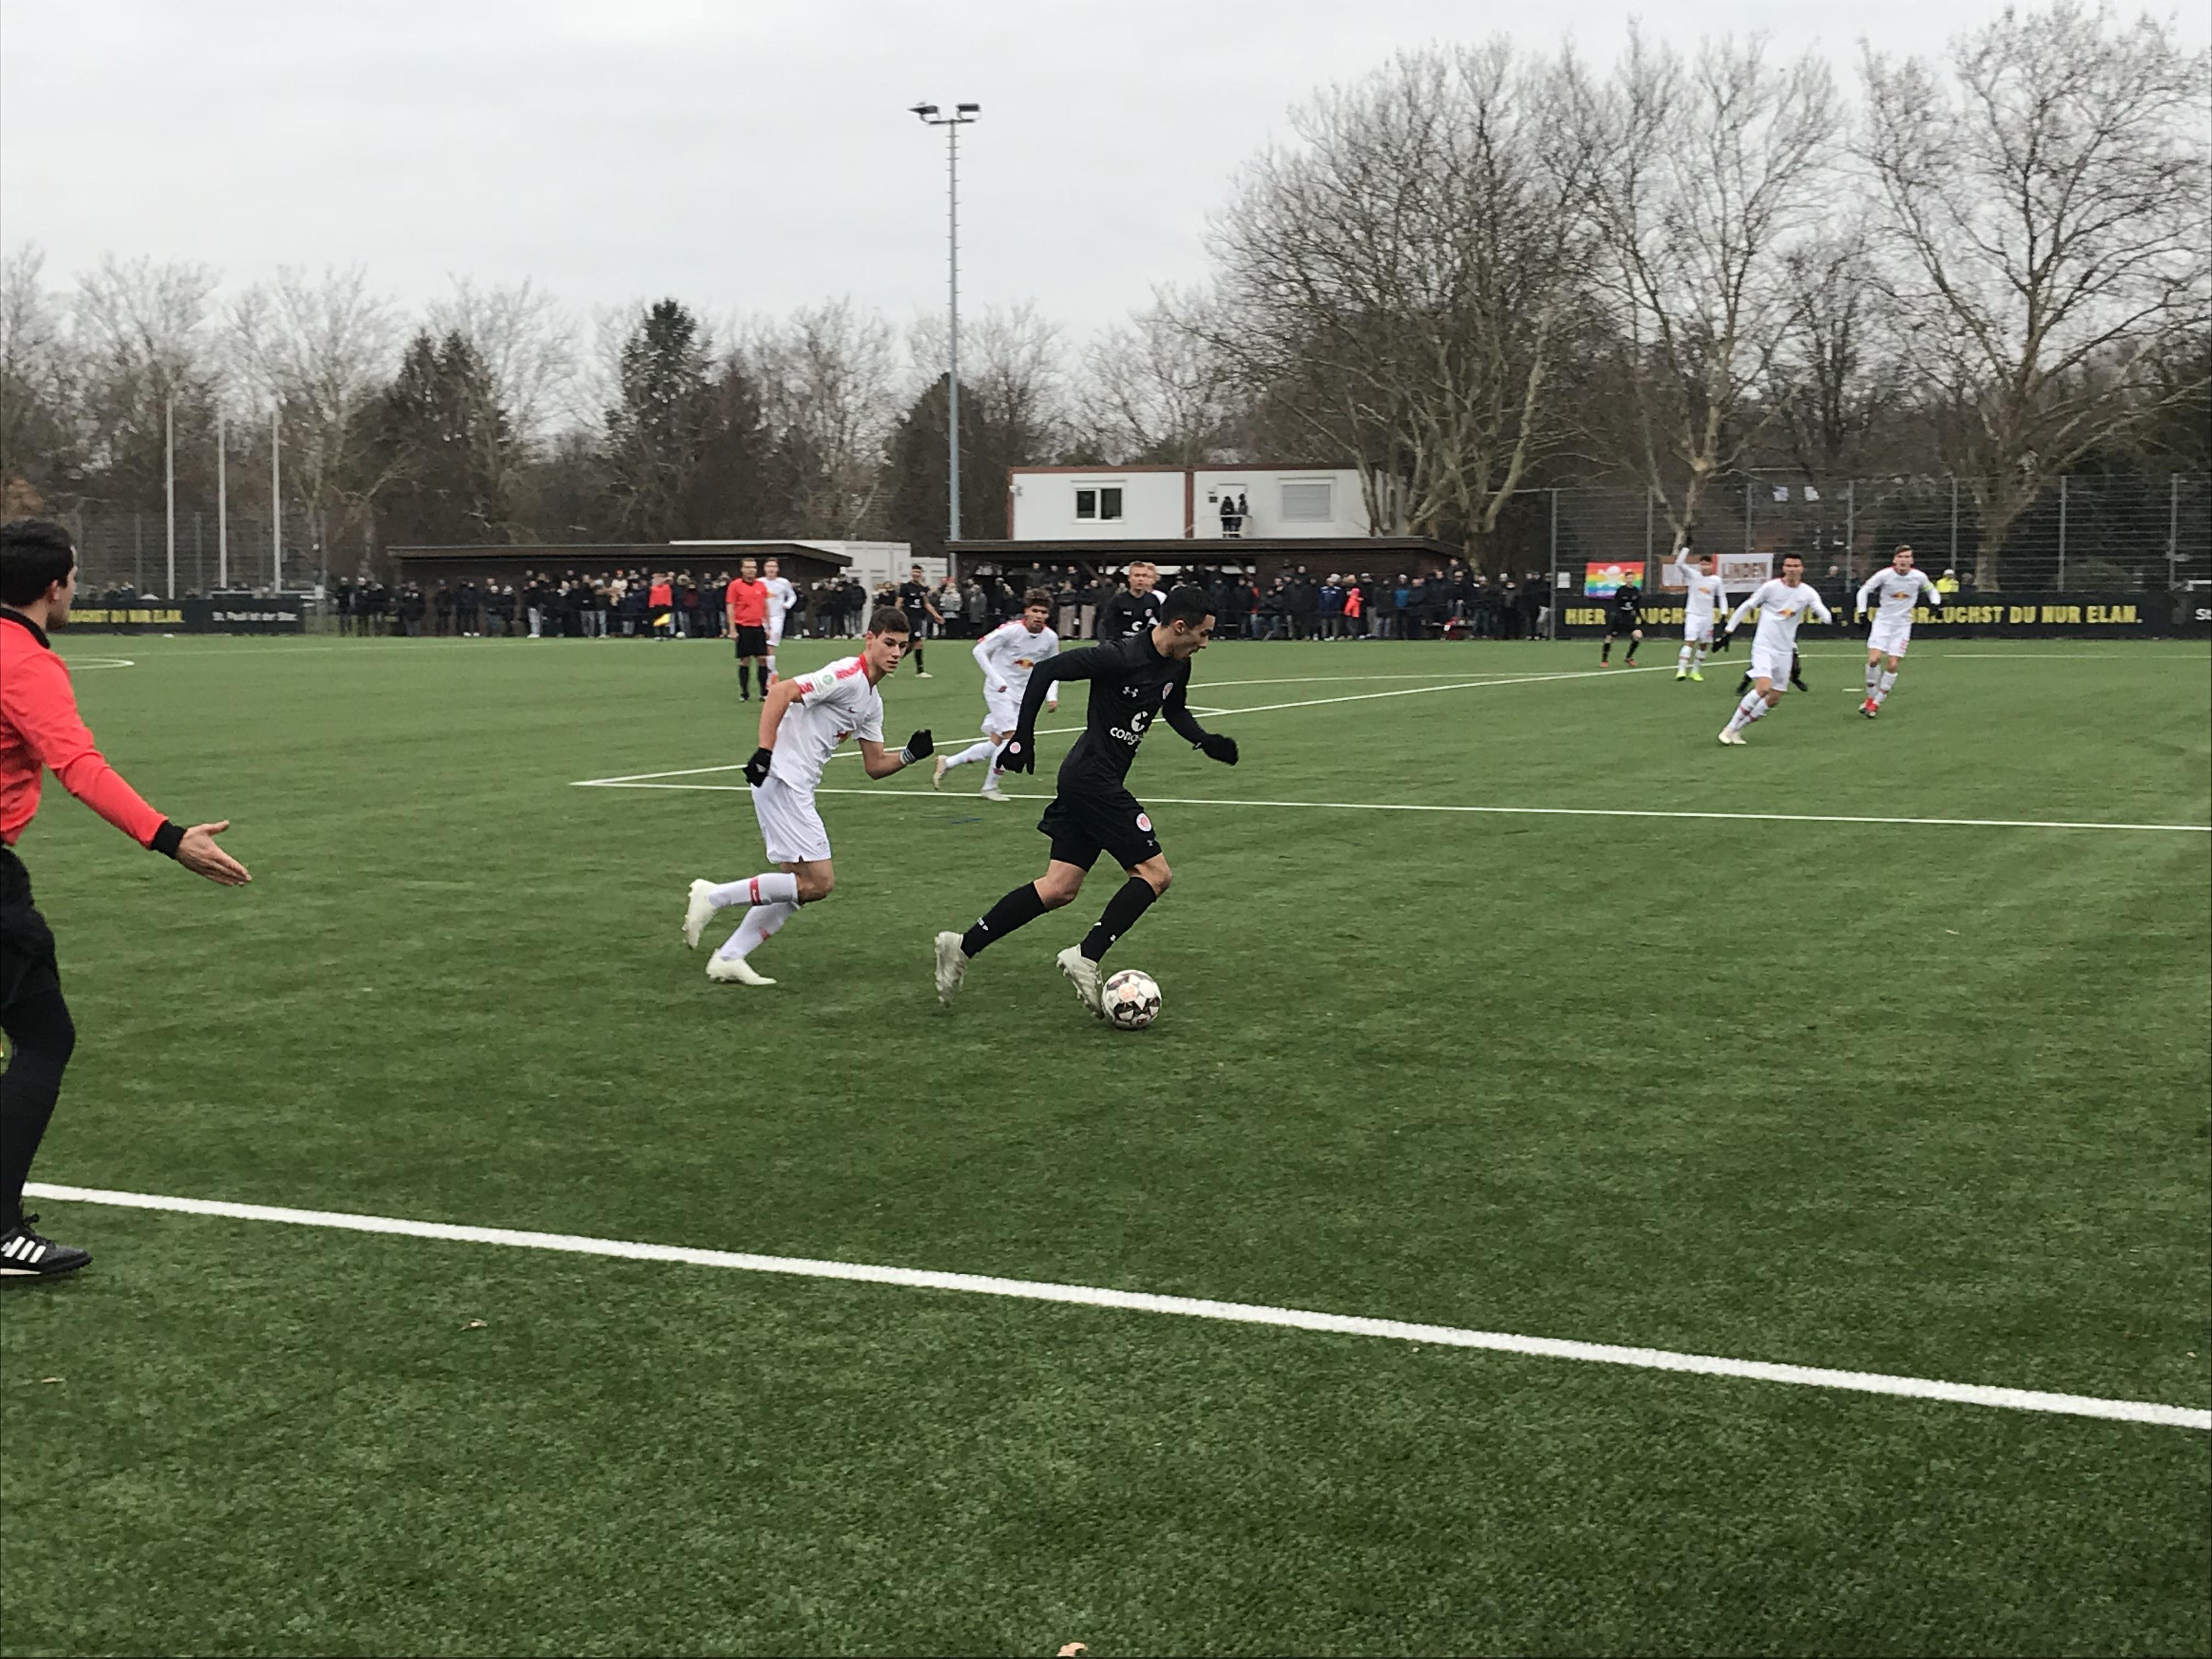 DFB-Pokal-Aus im Viertelfinale: Die U19 unterliegt Leipzig mit 0:2